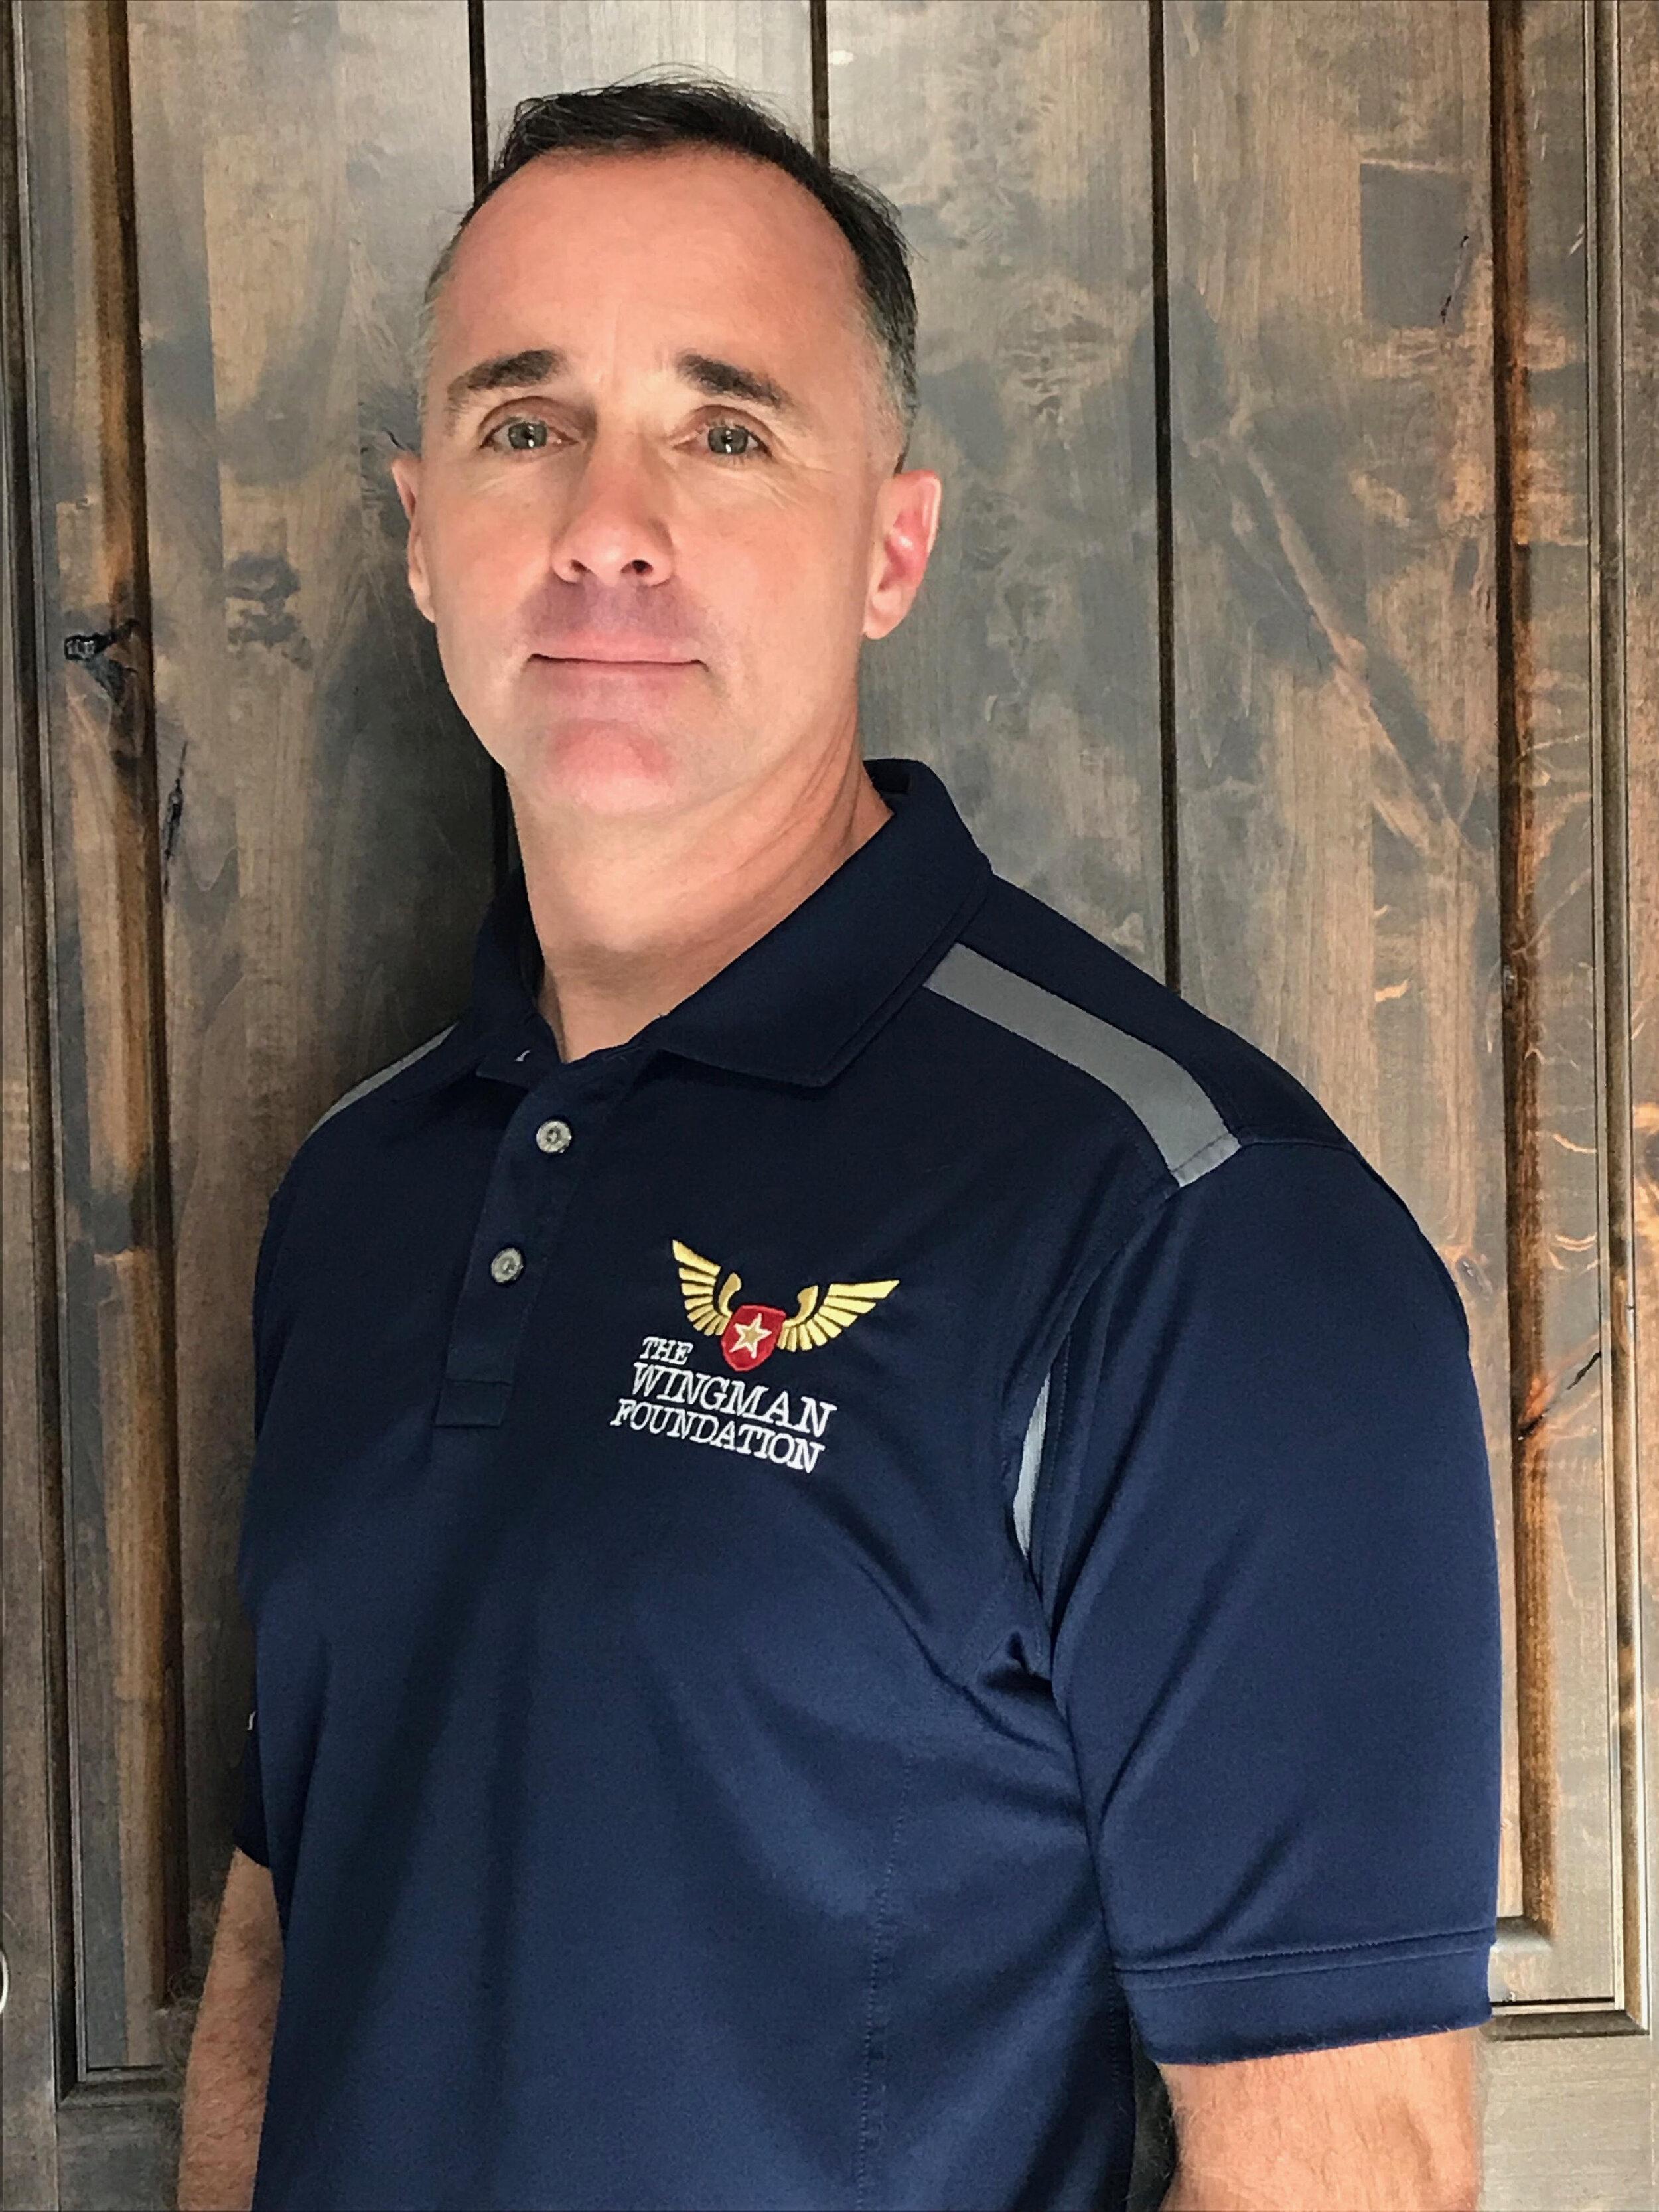 Derek Neymeyer   DFW Area Coordinator